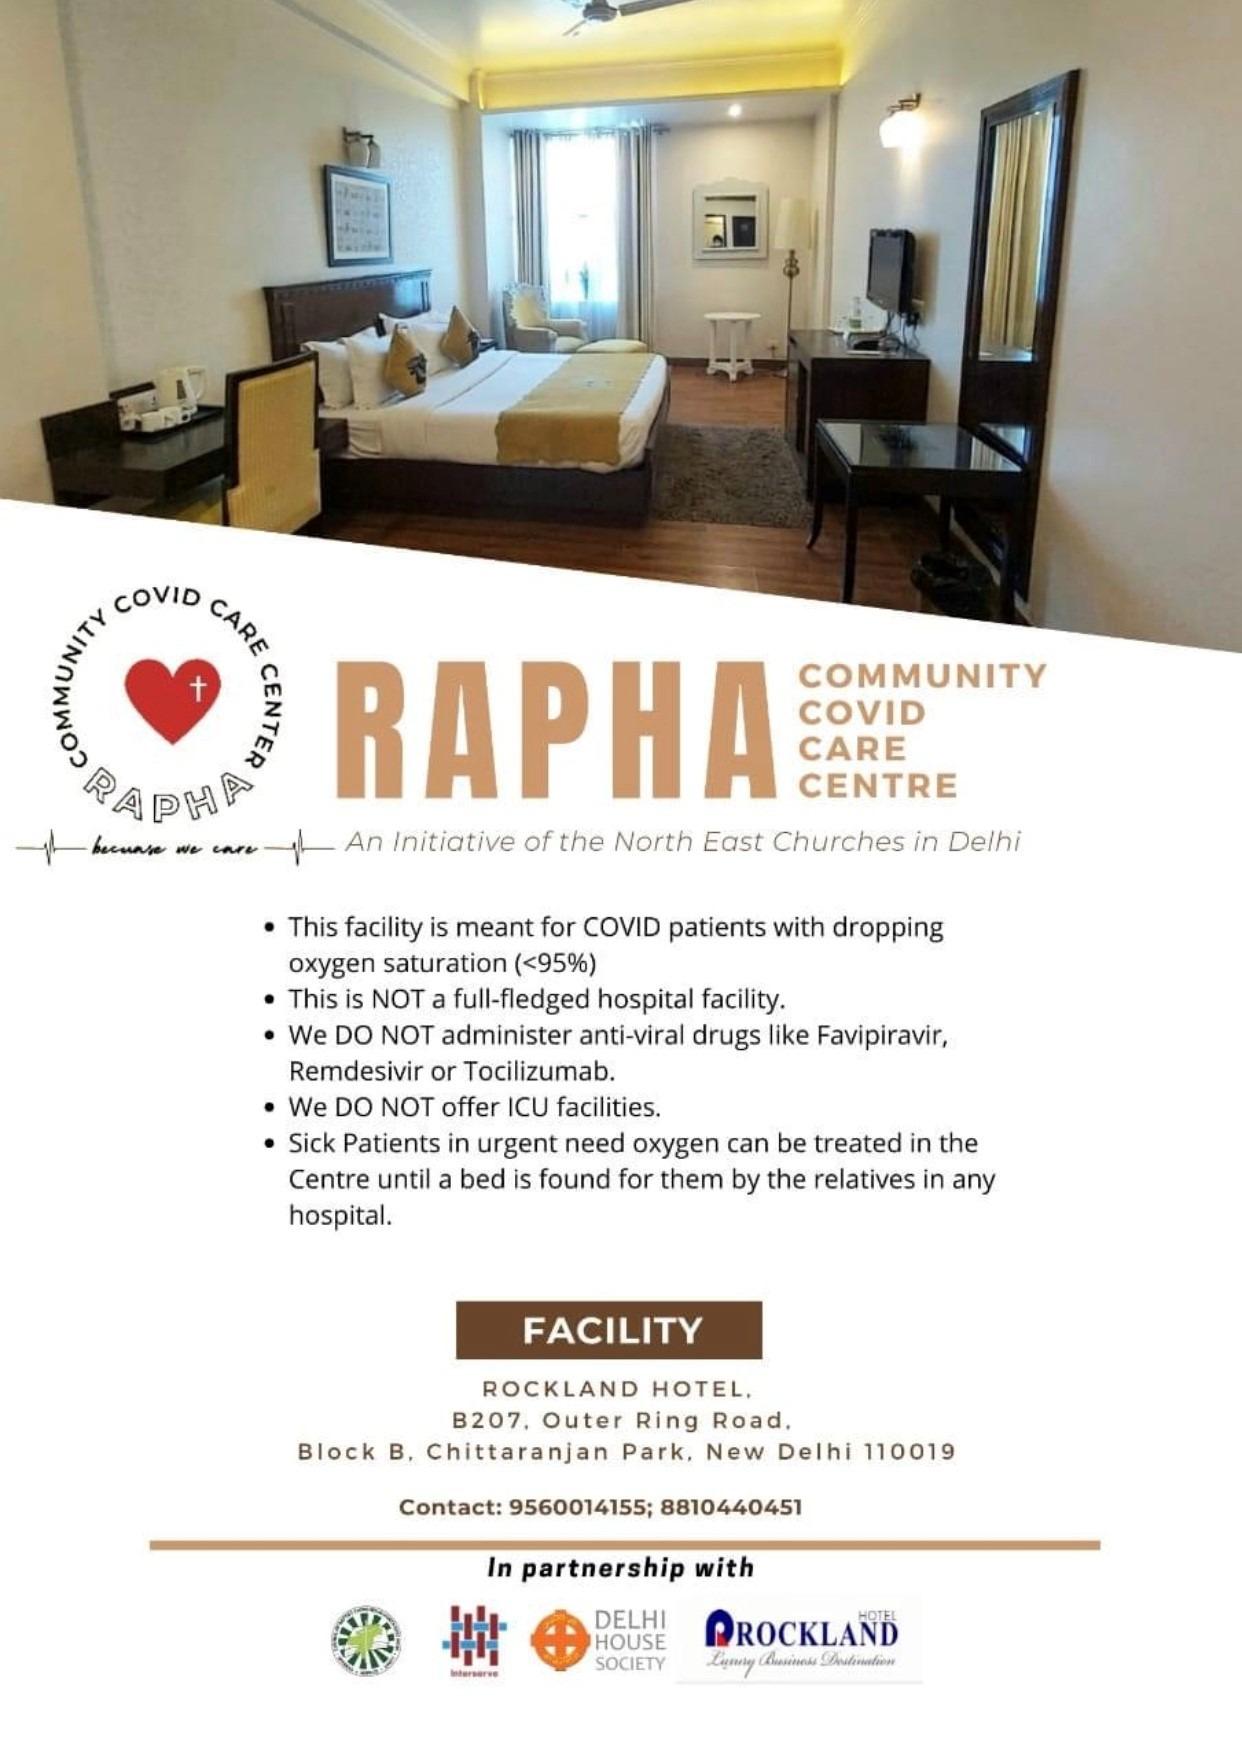 Rapha Community COVID Care Center in Delhi Inauguration on June 16, 2021